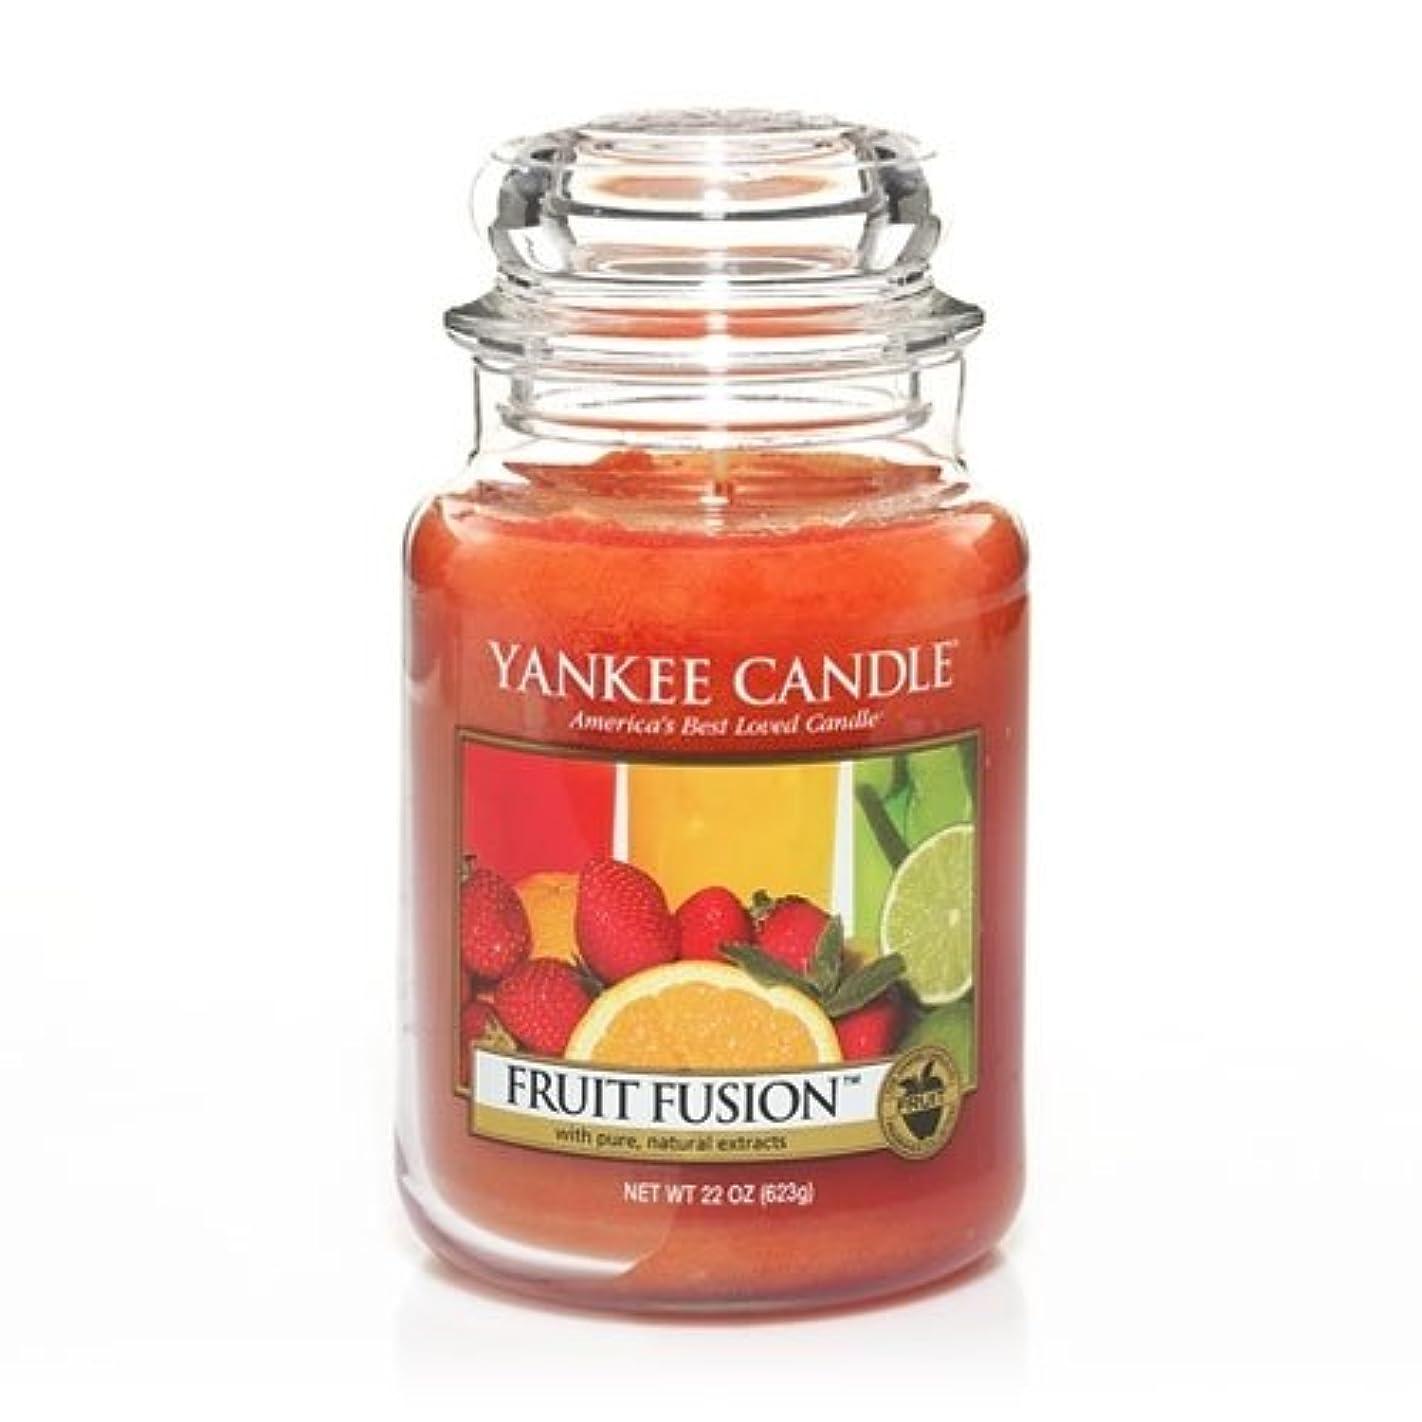 感じるイヤホン浴Yankee Candle Fruit Fusion、フルーツ香り Large Jar Candles オレンジ 1230712-YC